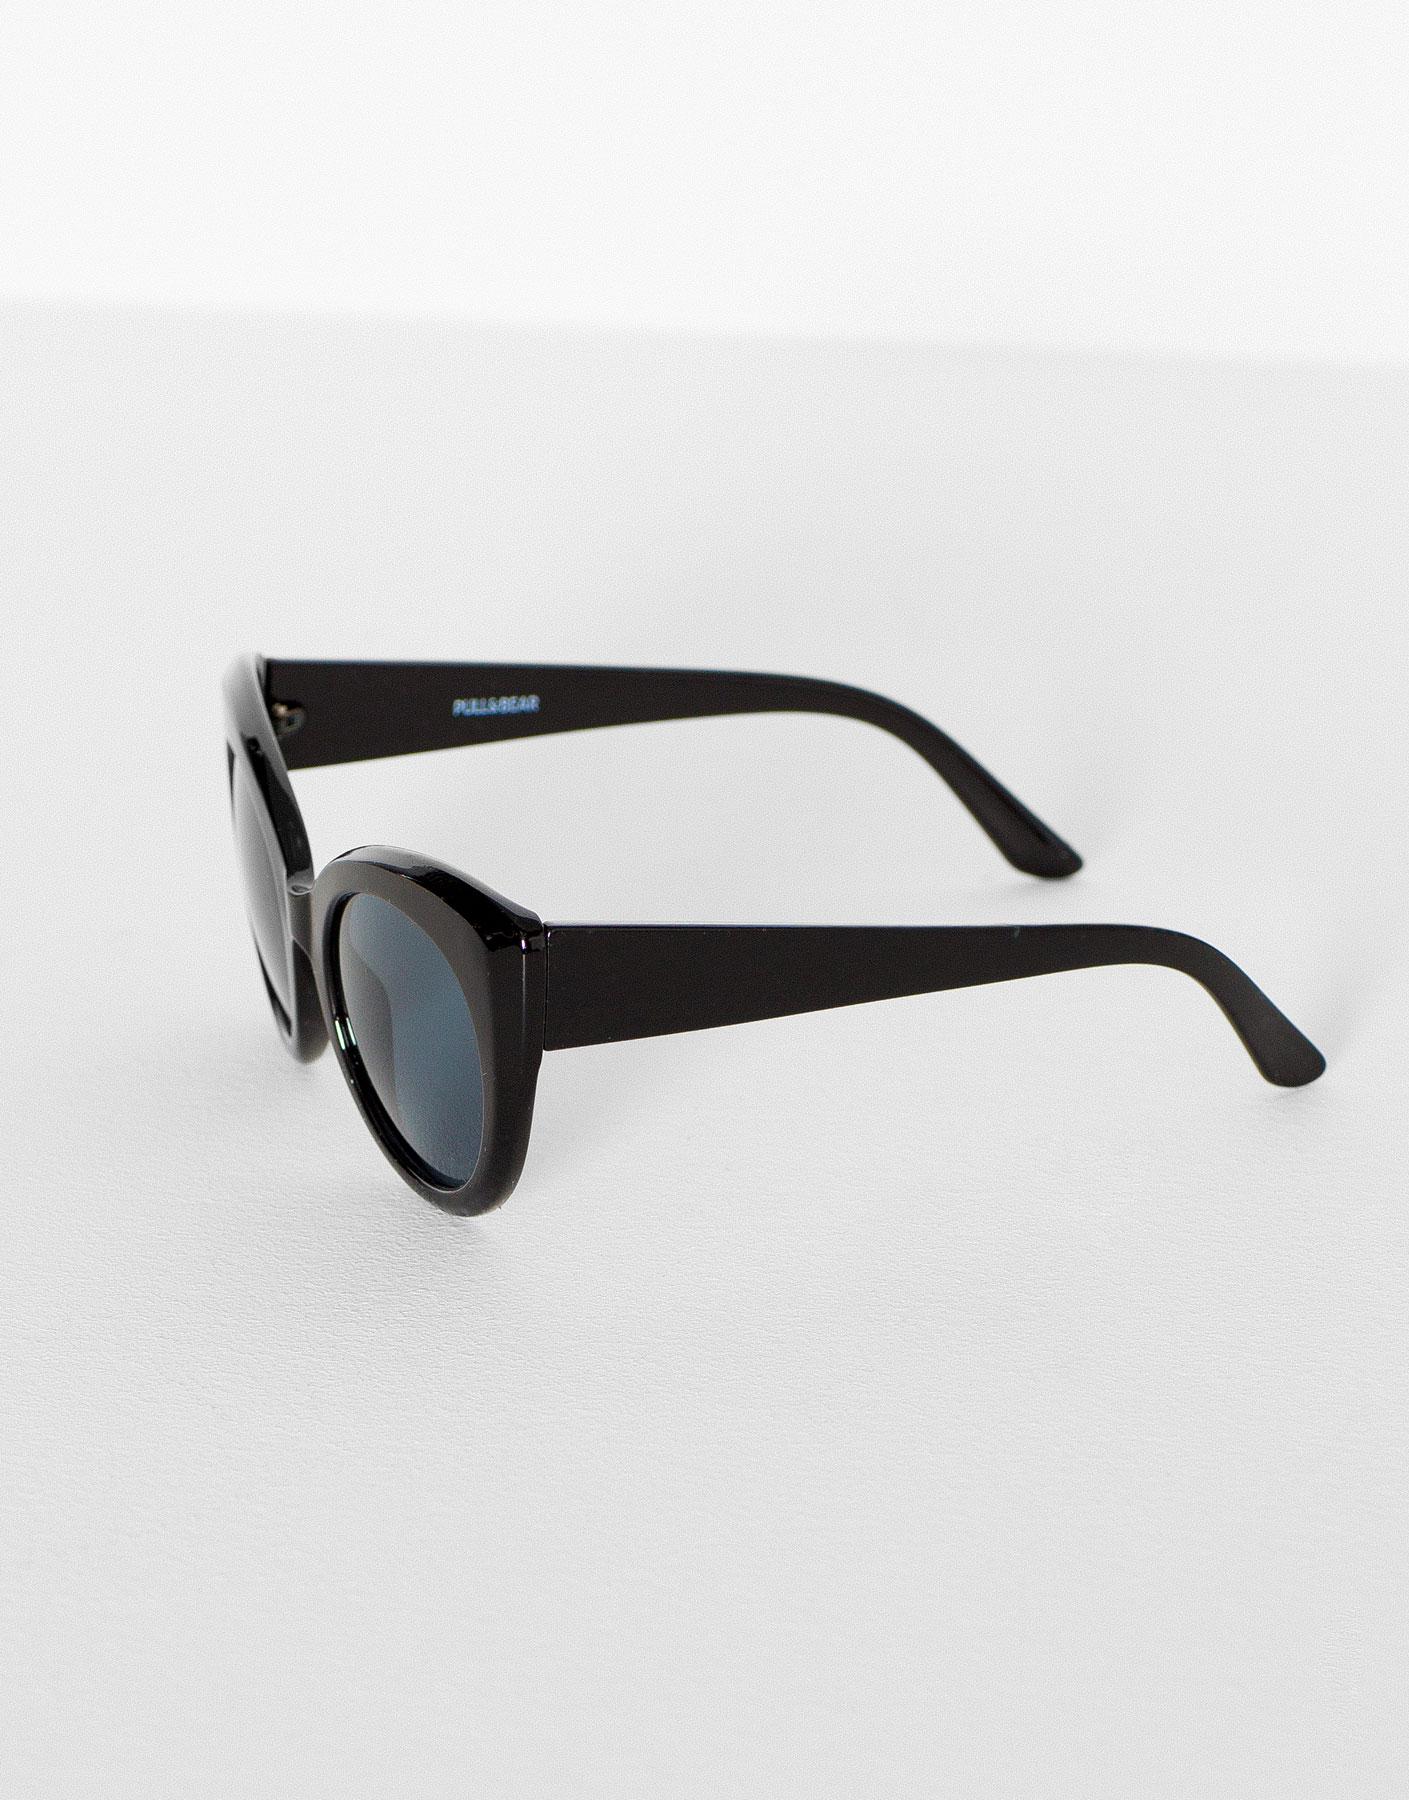 Gafas cateye